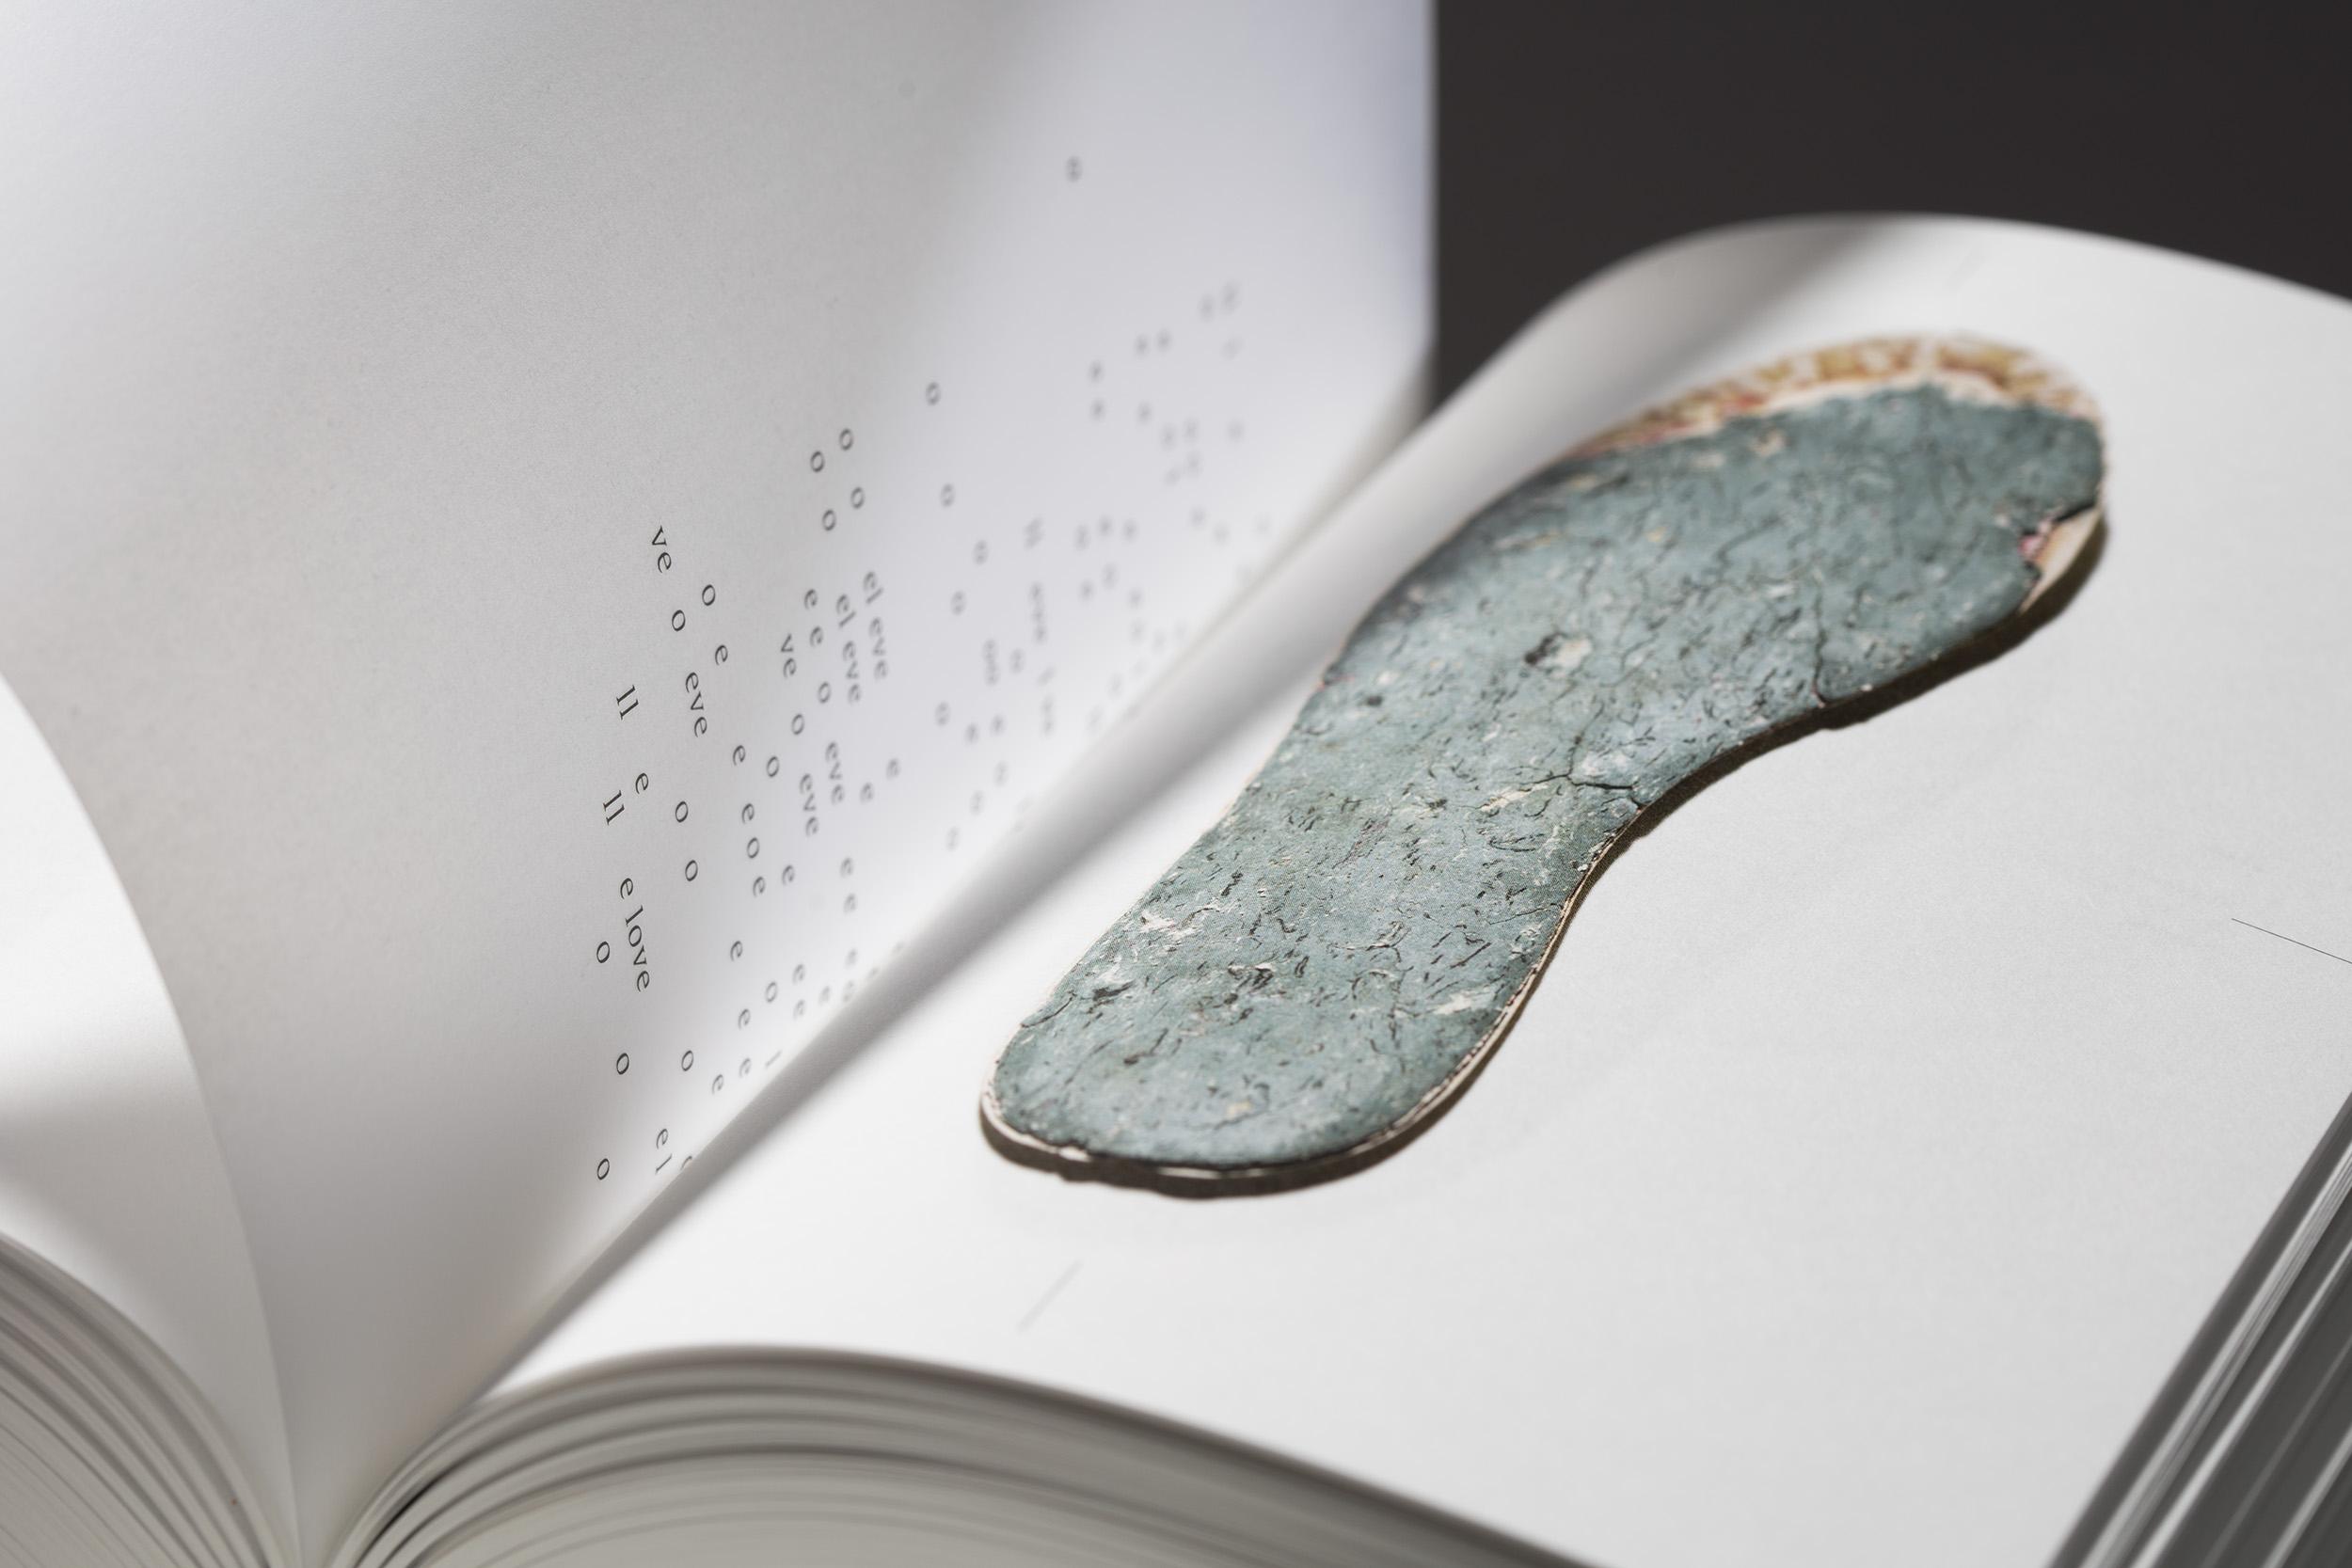 worthless_book2178 Kopie.jpg